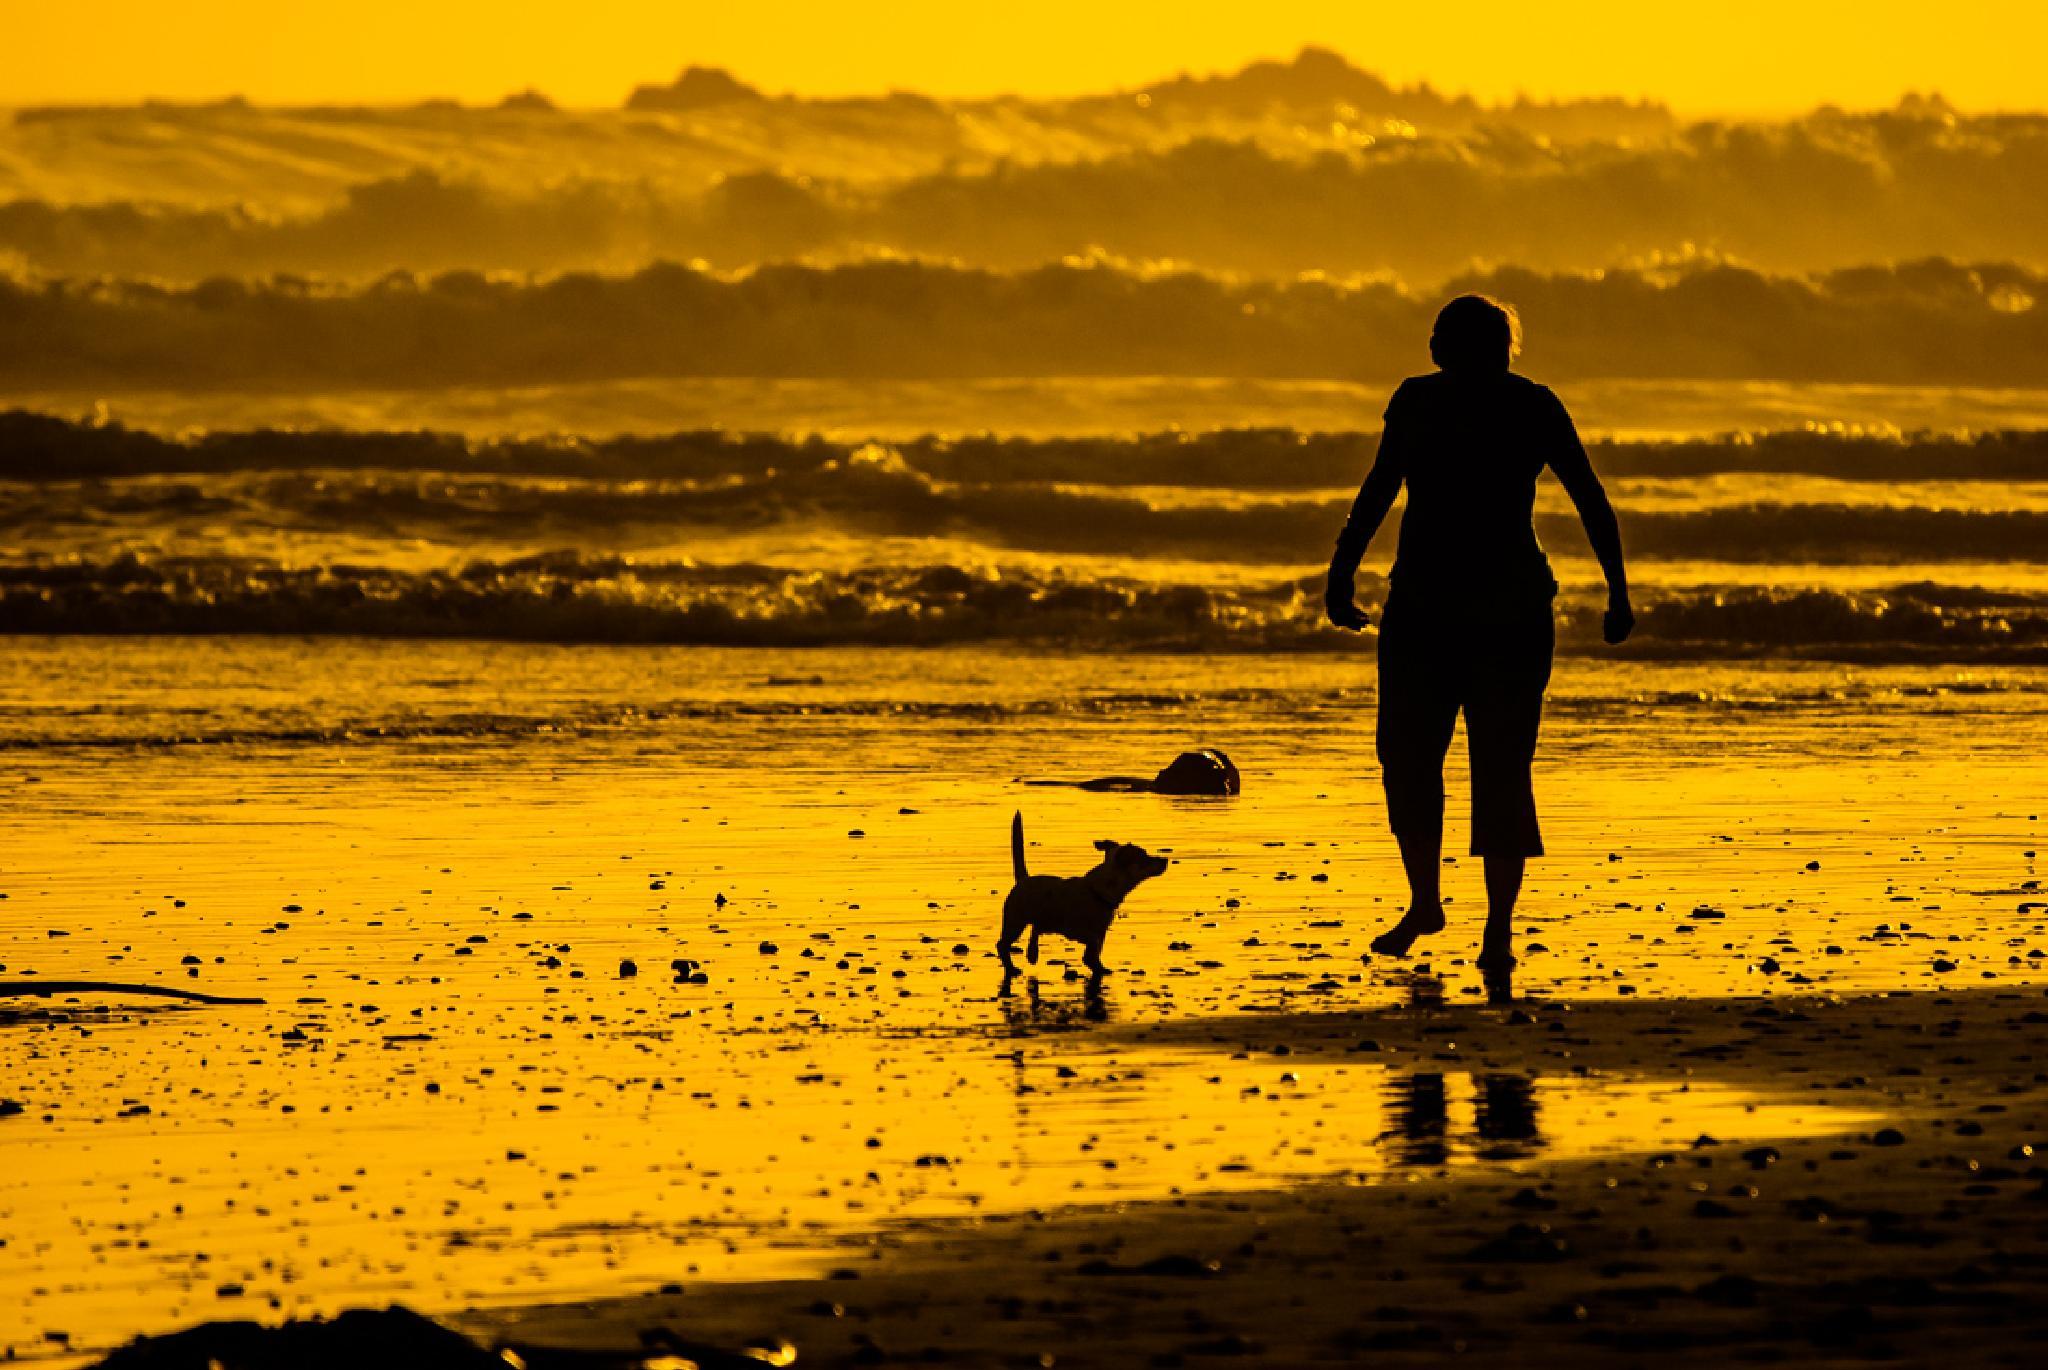 Golden hour by Joggie van Staden